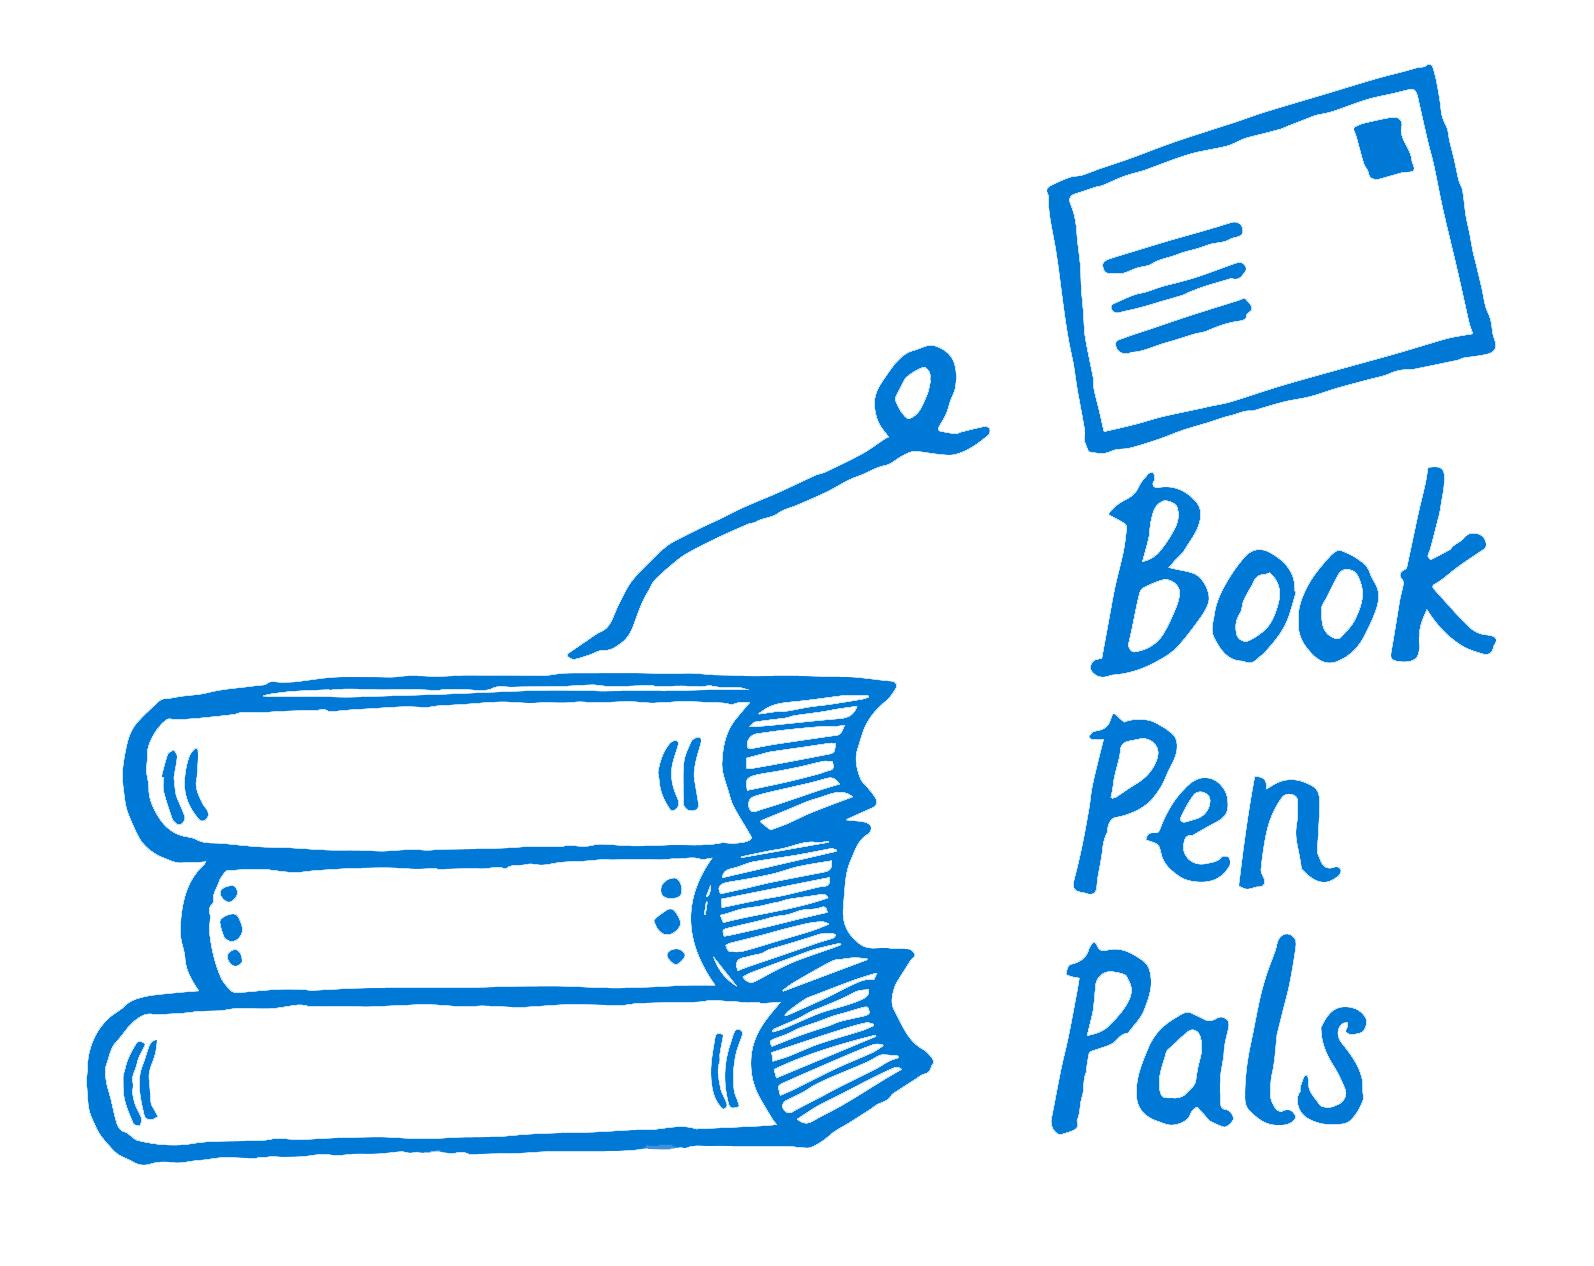 BookPenPals